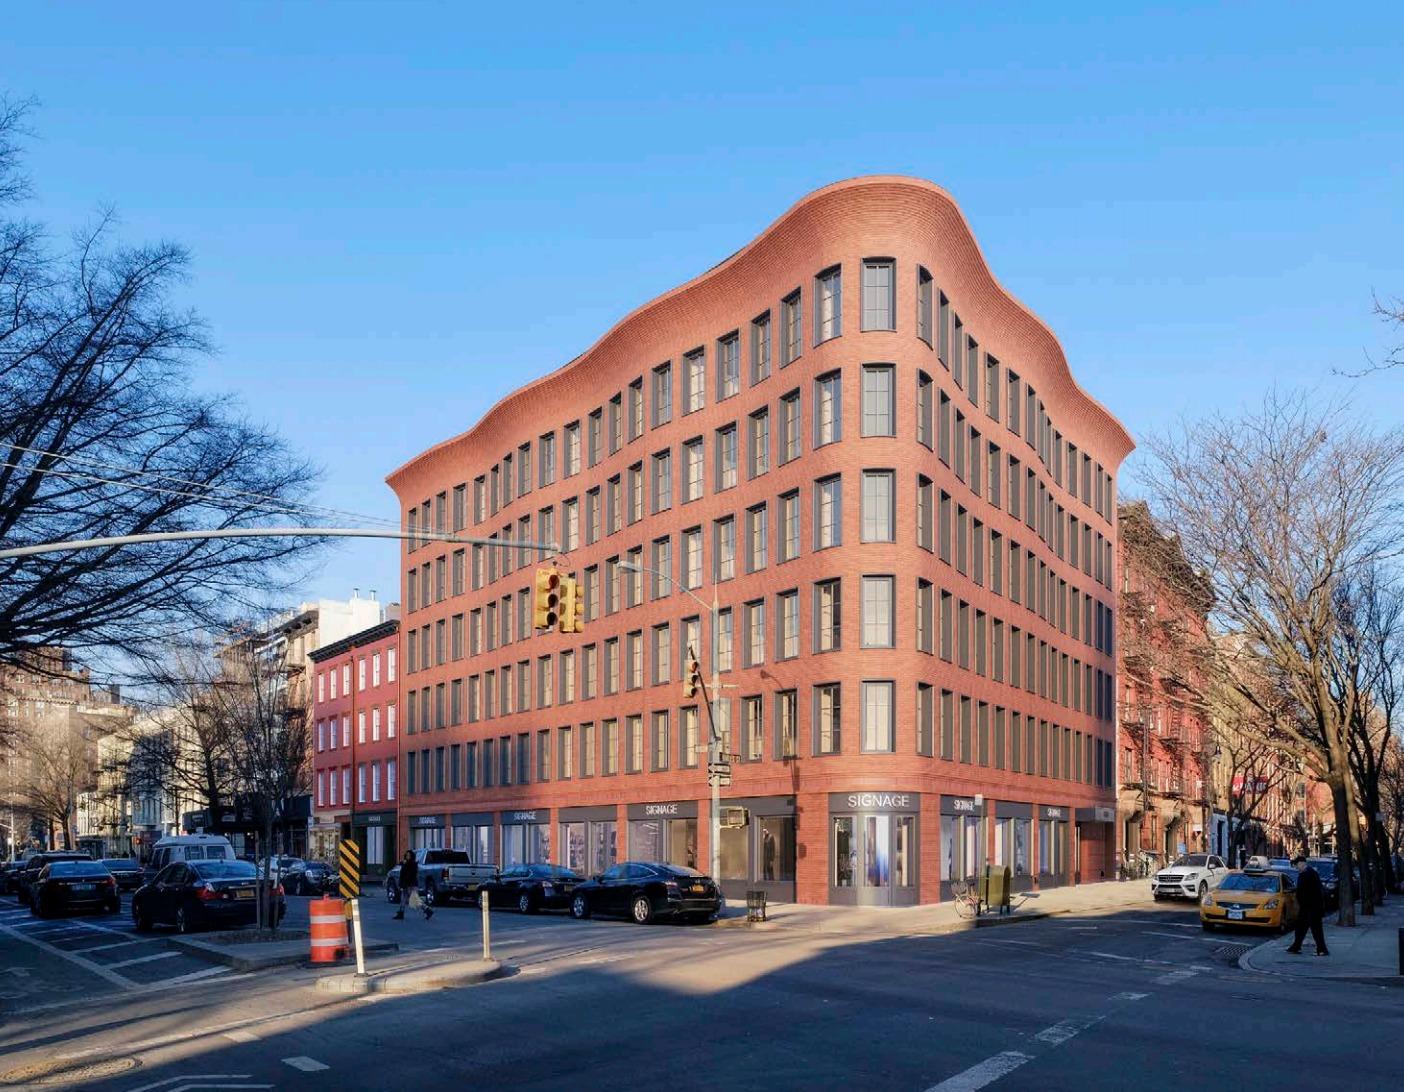 Architecture City Guide: Amsterdam   Argitektuur ...